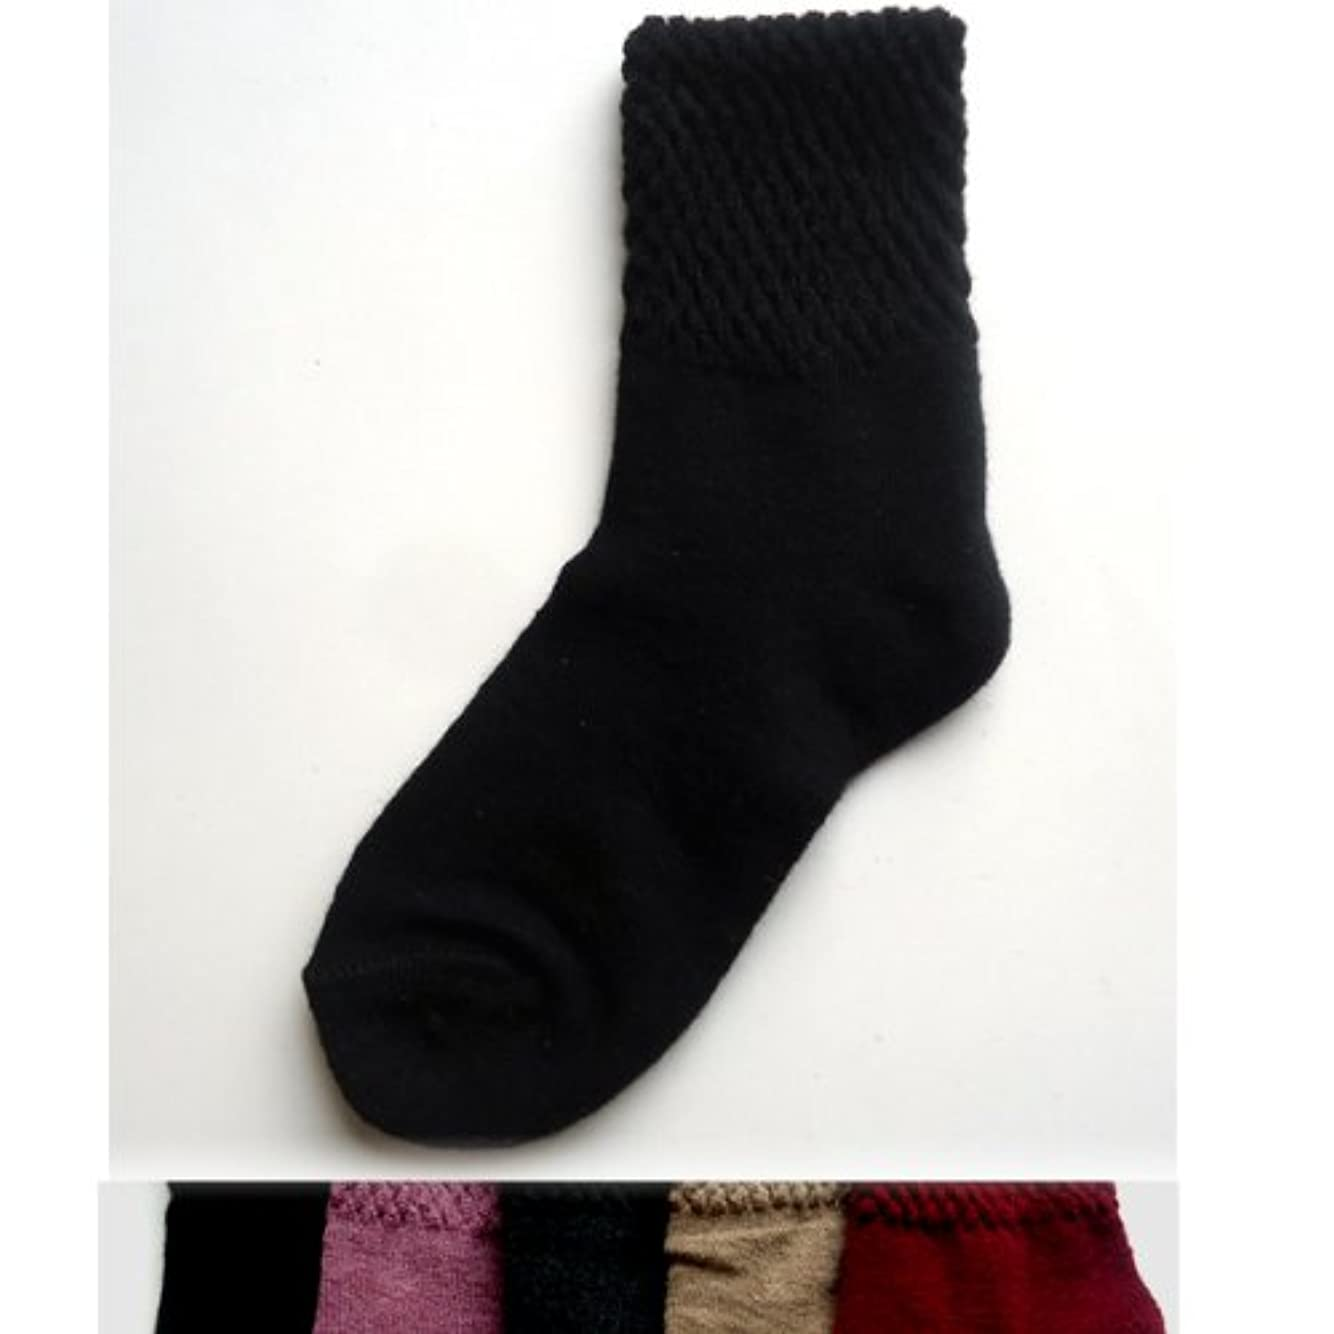 隠す俳句週間靴下 あったか シルク混 二重編みパイナップルソックス 厚手 22~24cm お買得4足組(色はお任せ)